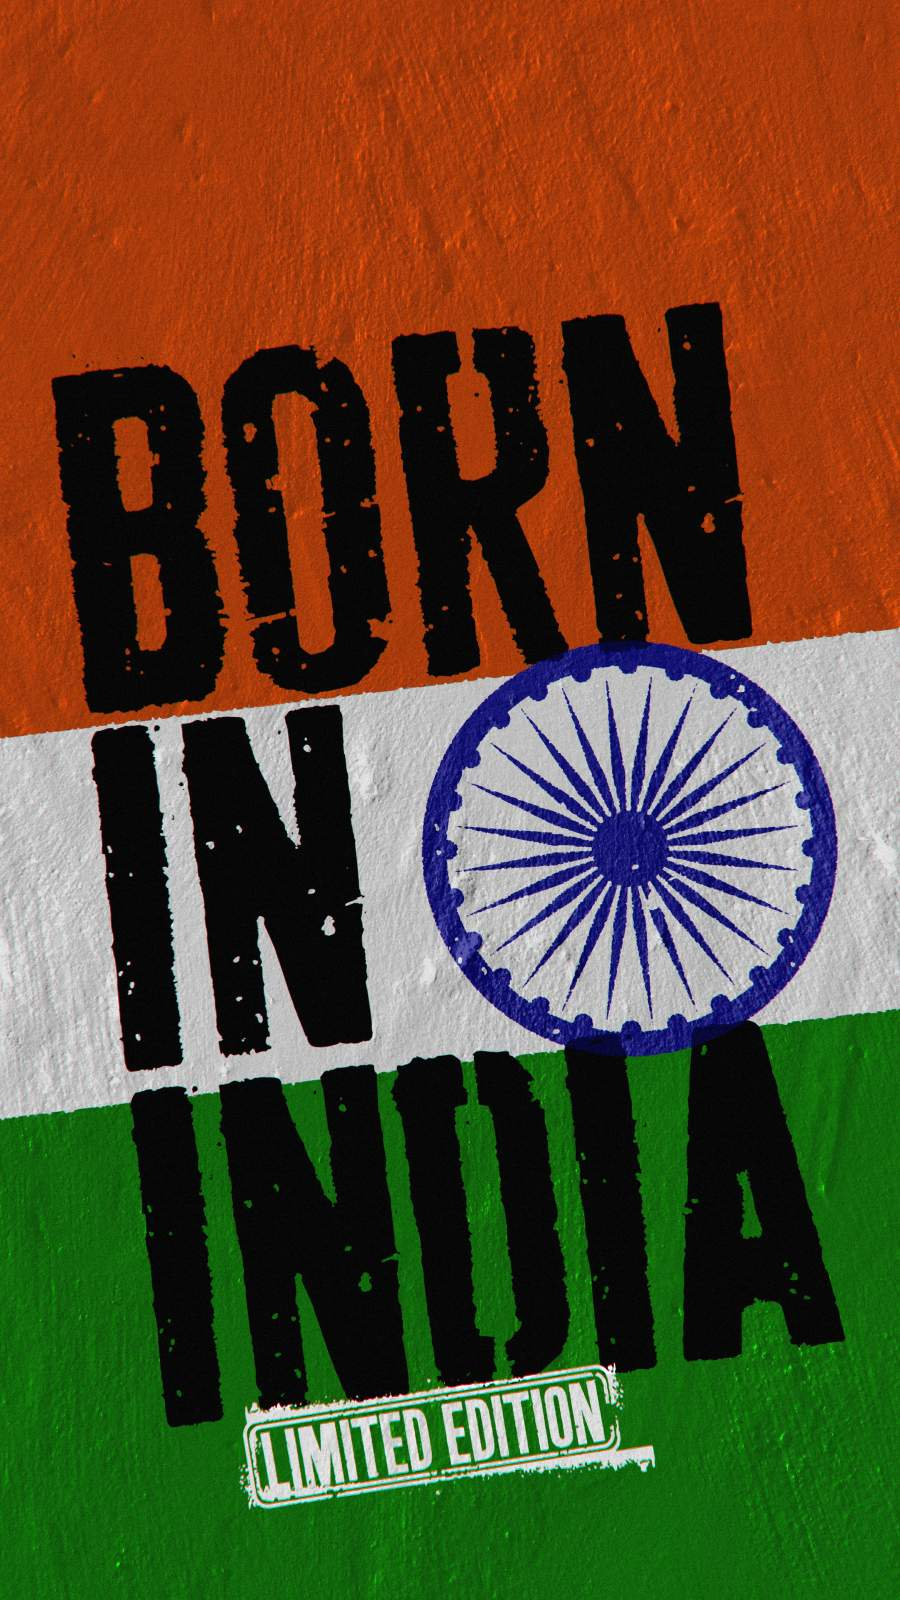 Born in India